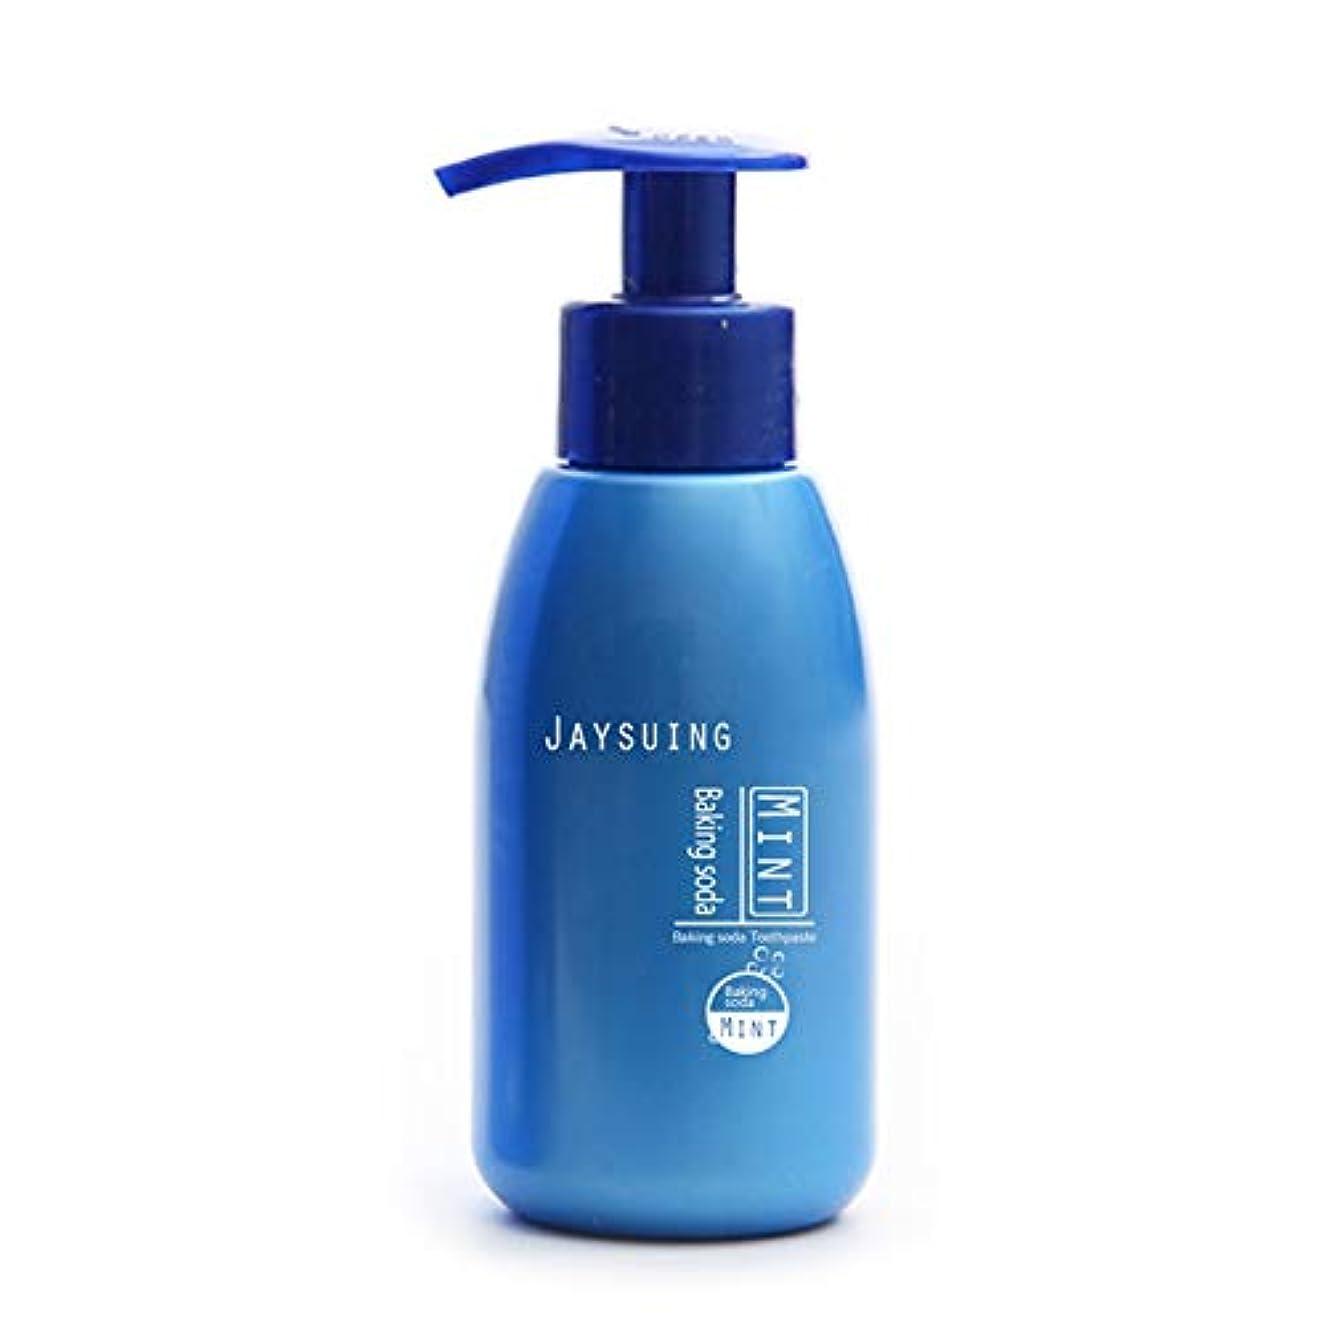 プラスチックラジカル声を出してCoolTack 歯磨き粉アンチブリードガムプレスタイプ新鮮な歯磨き粉を白くする汚れ除去剤